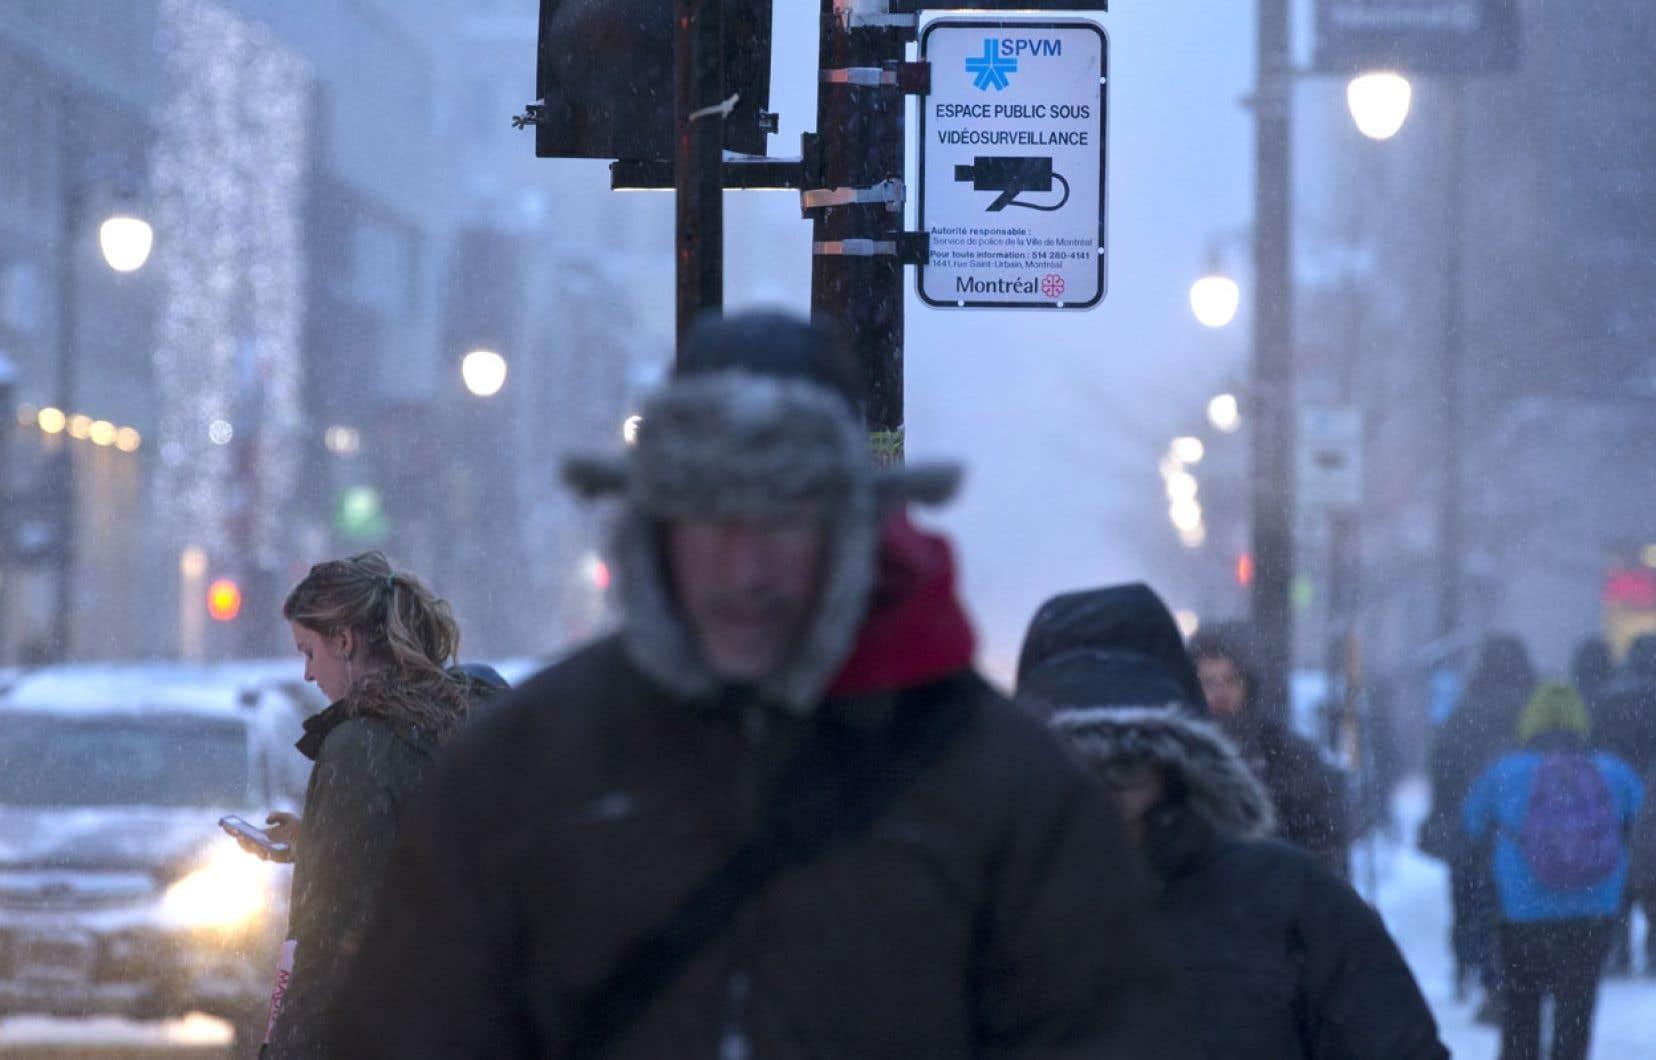 La vidéosurveillance est déjà tellement répandue qu'il est à peu près impossible de marcher au centre-ville sans être filmé, souligne Christian Boudreau, professeur à l'École nationale d'administration publique.